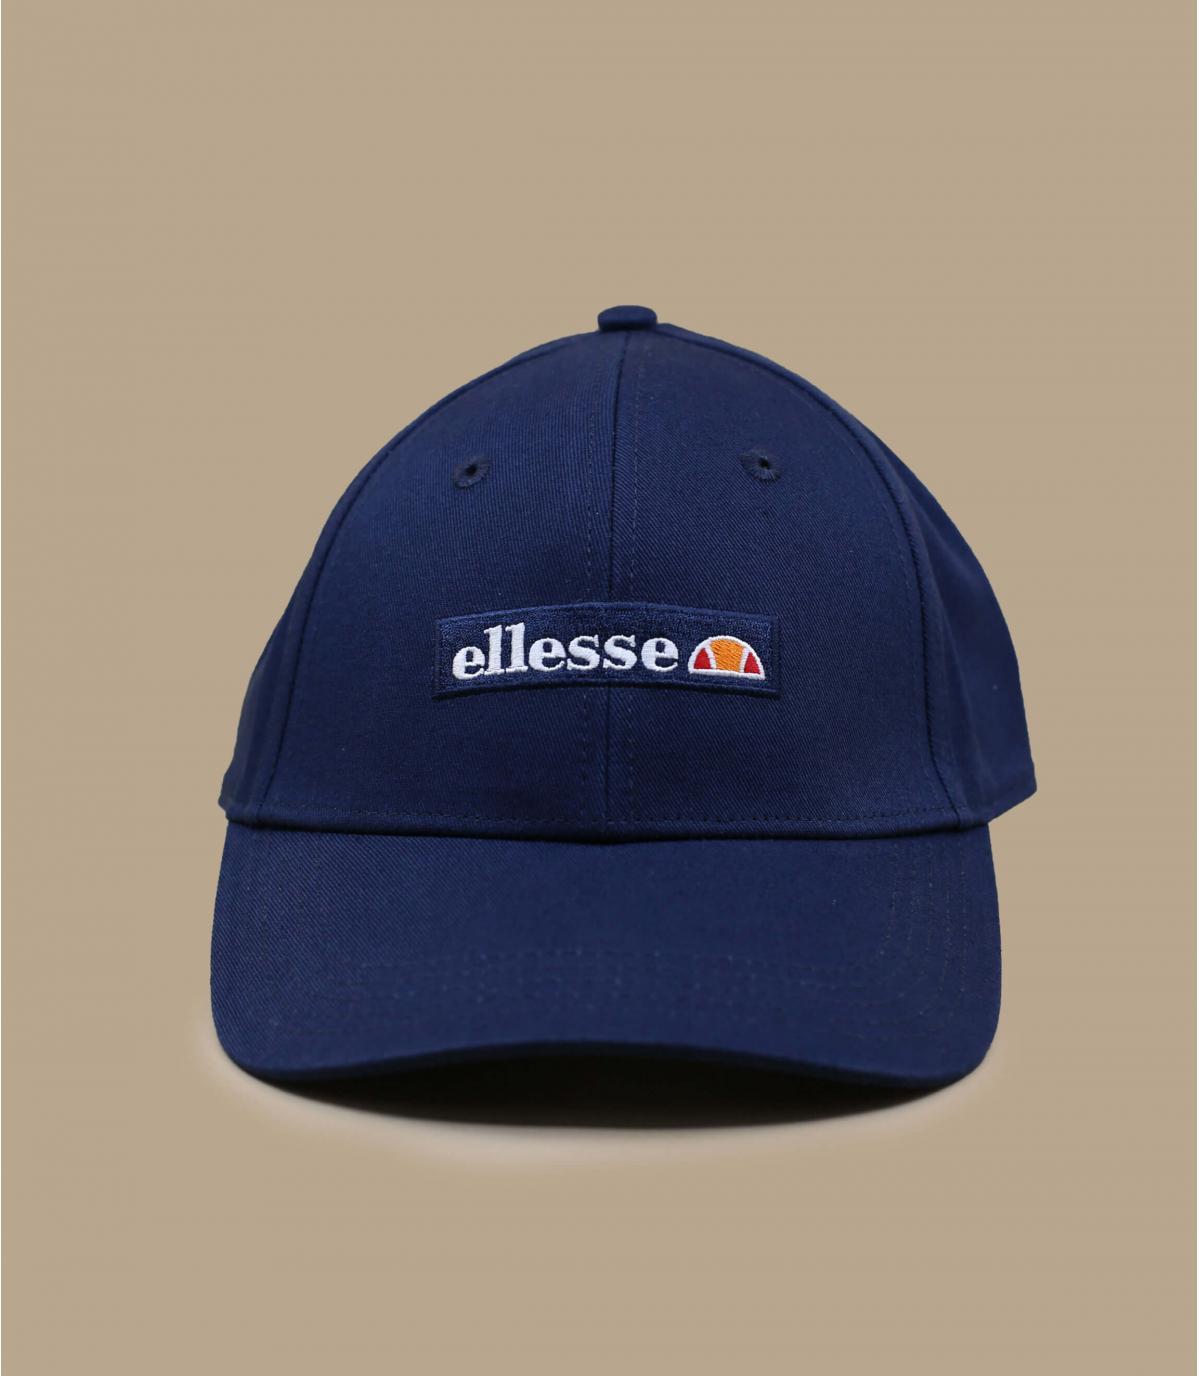 Marineblauwe Ellesse cap